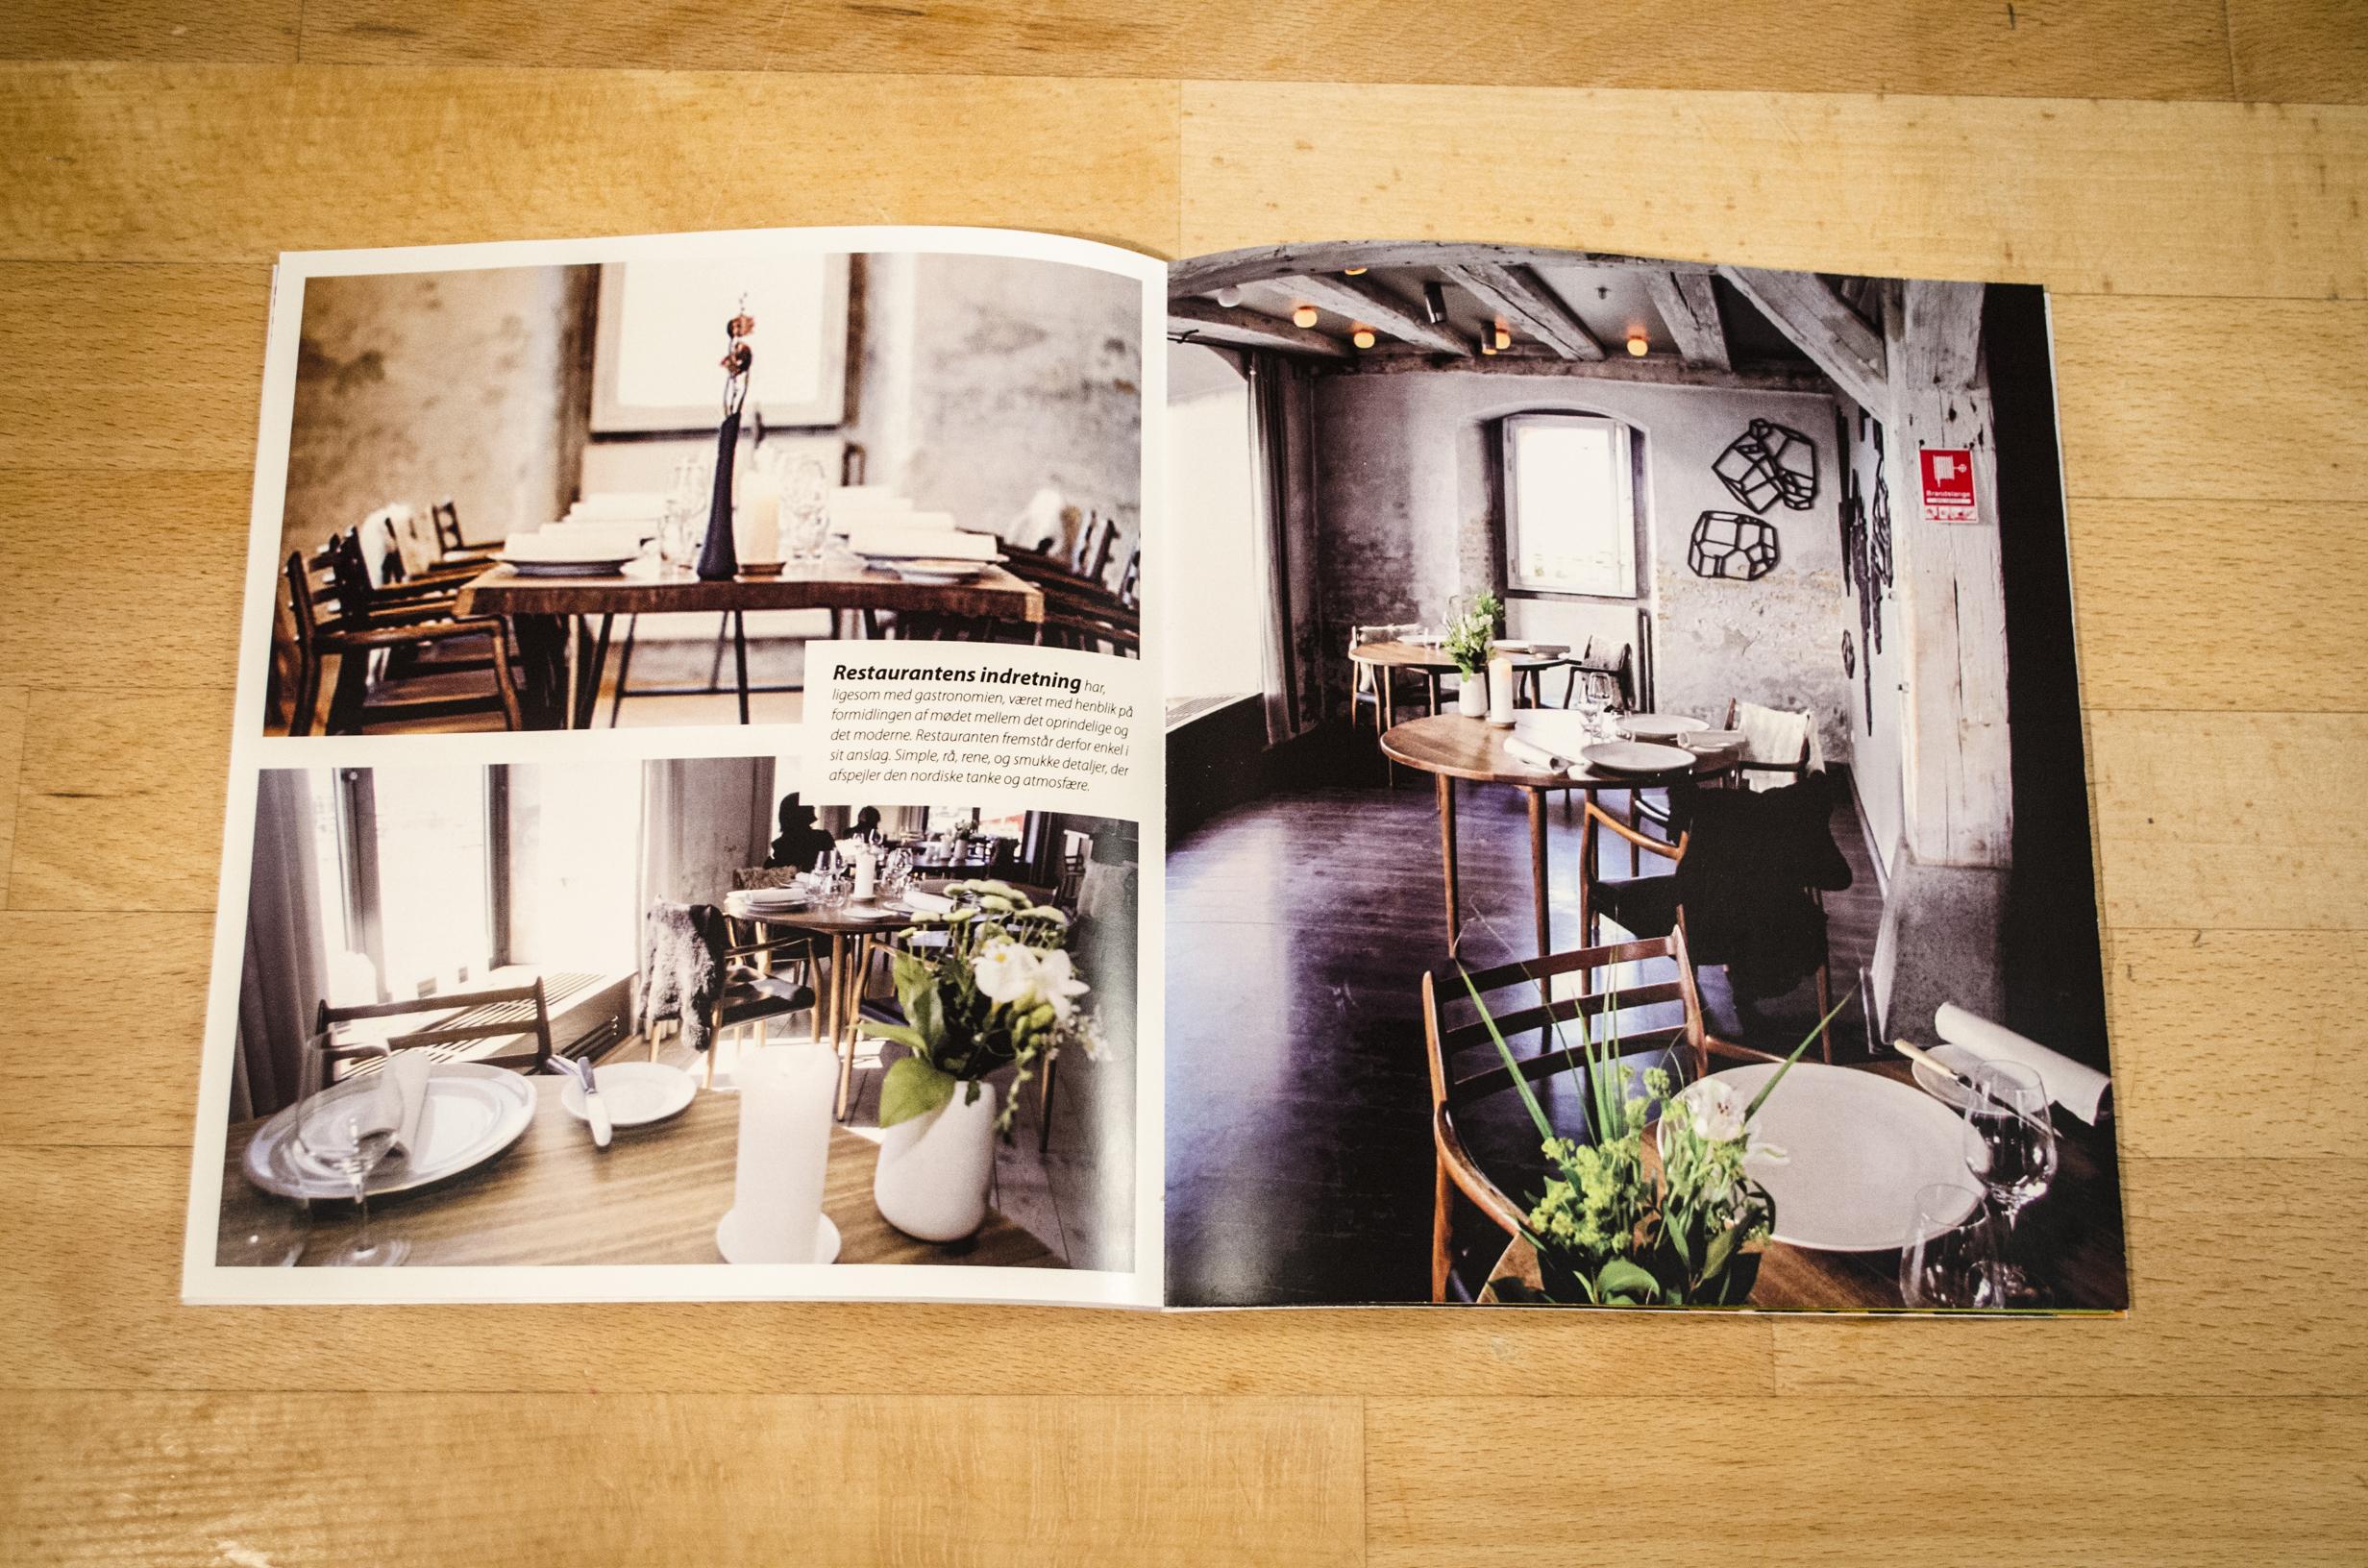 noma brochure 013.jpg